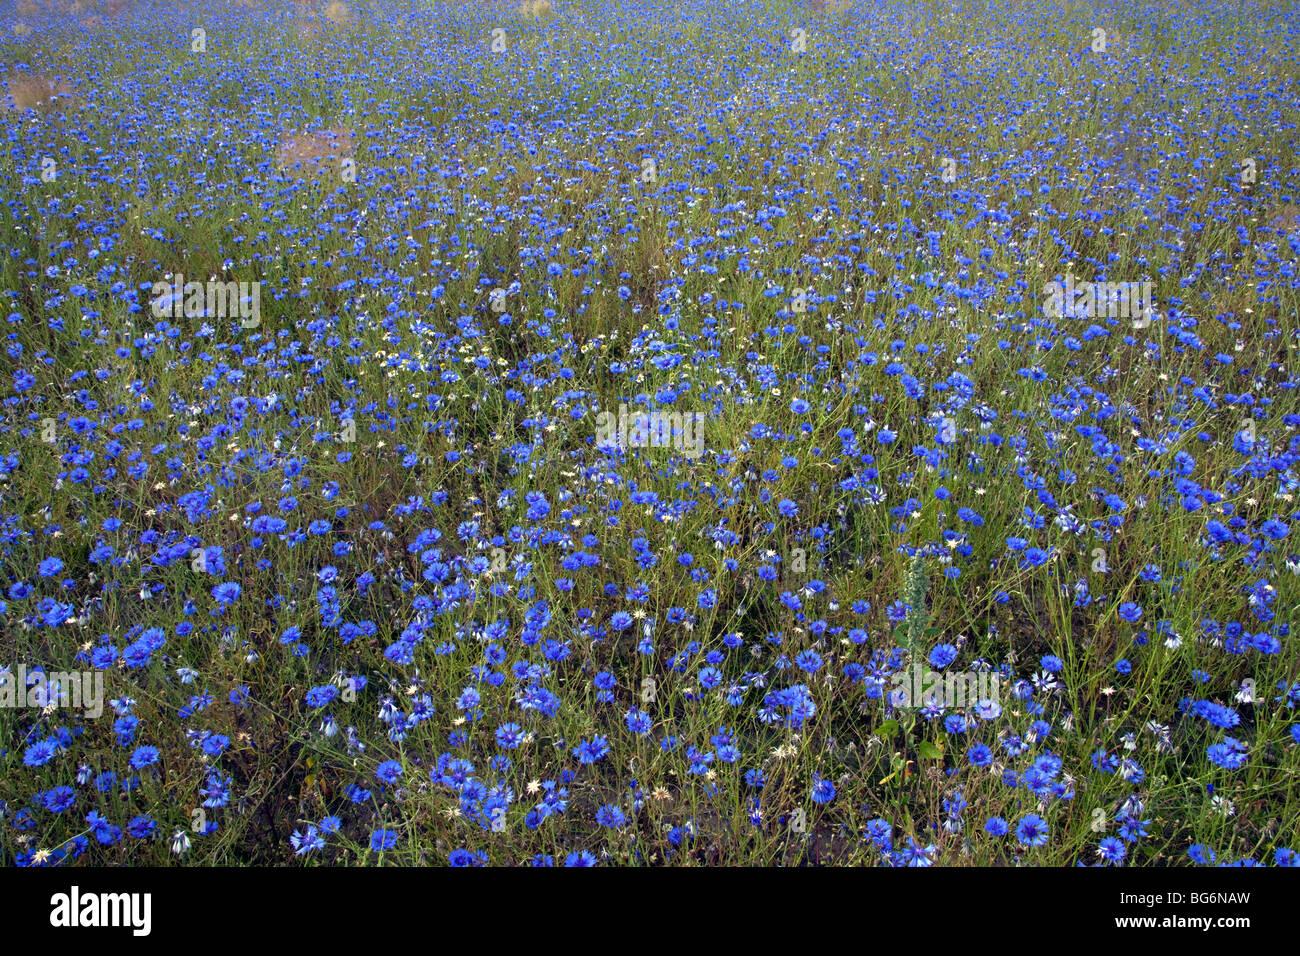 Cornflowers (Centaurea cyanus) in flower in field Stock Photo